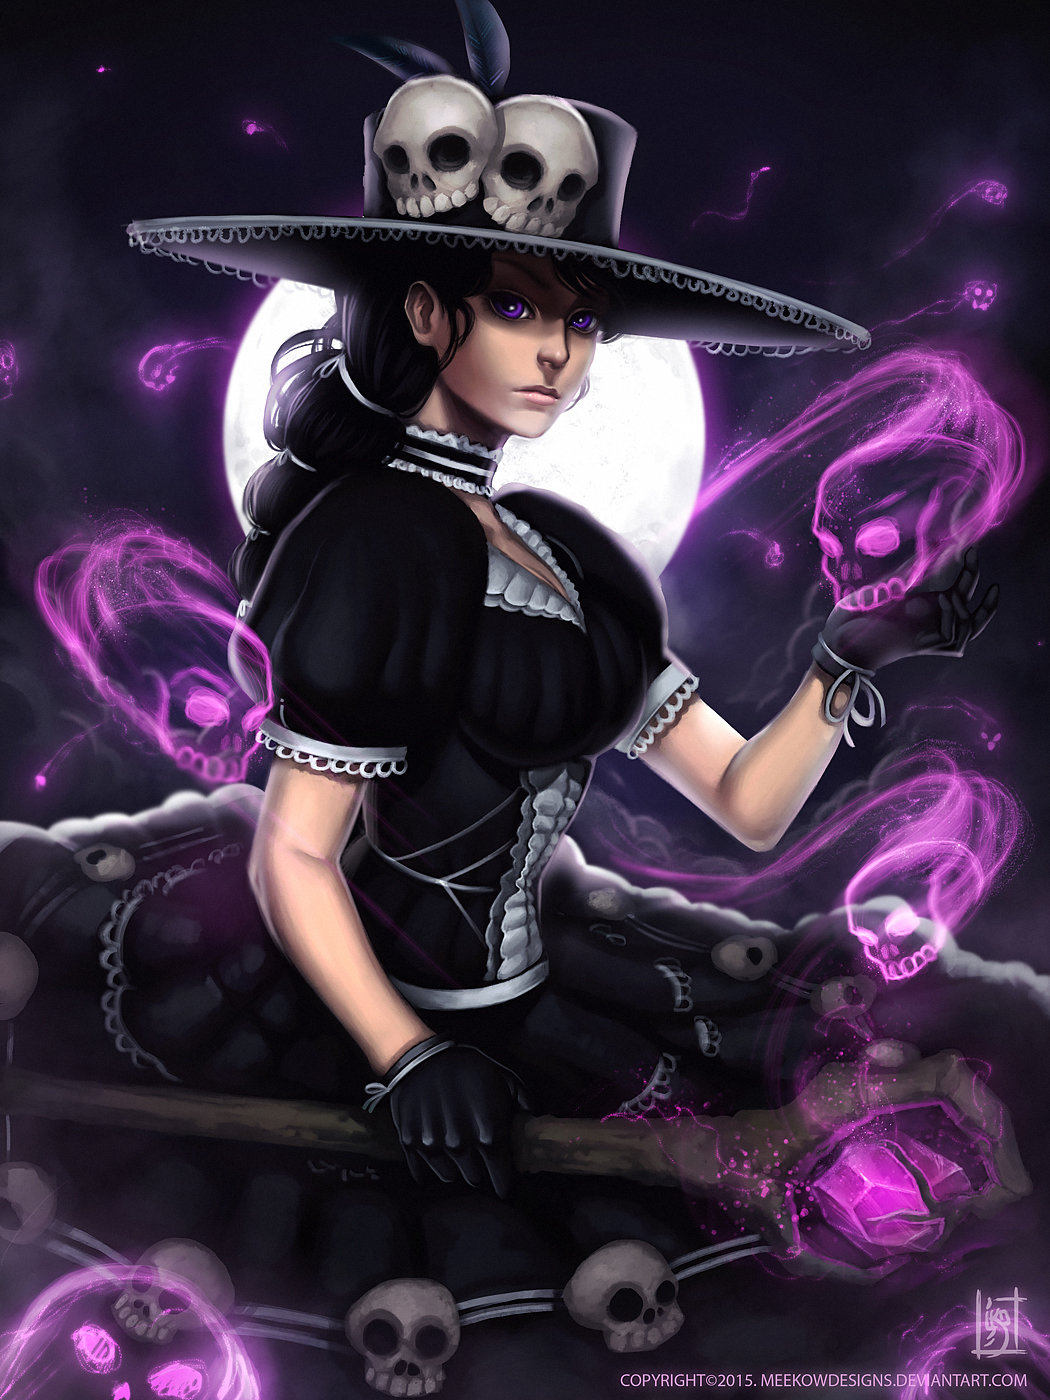 Artstation - Gothic Witch Michael Abellera